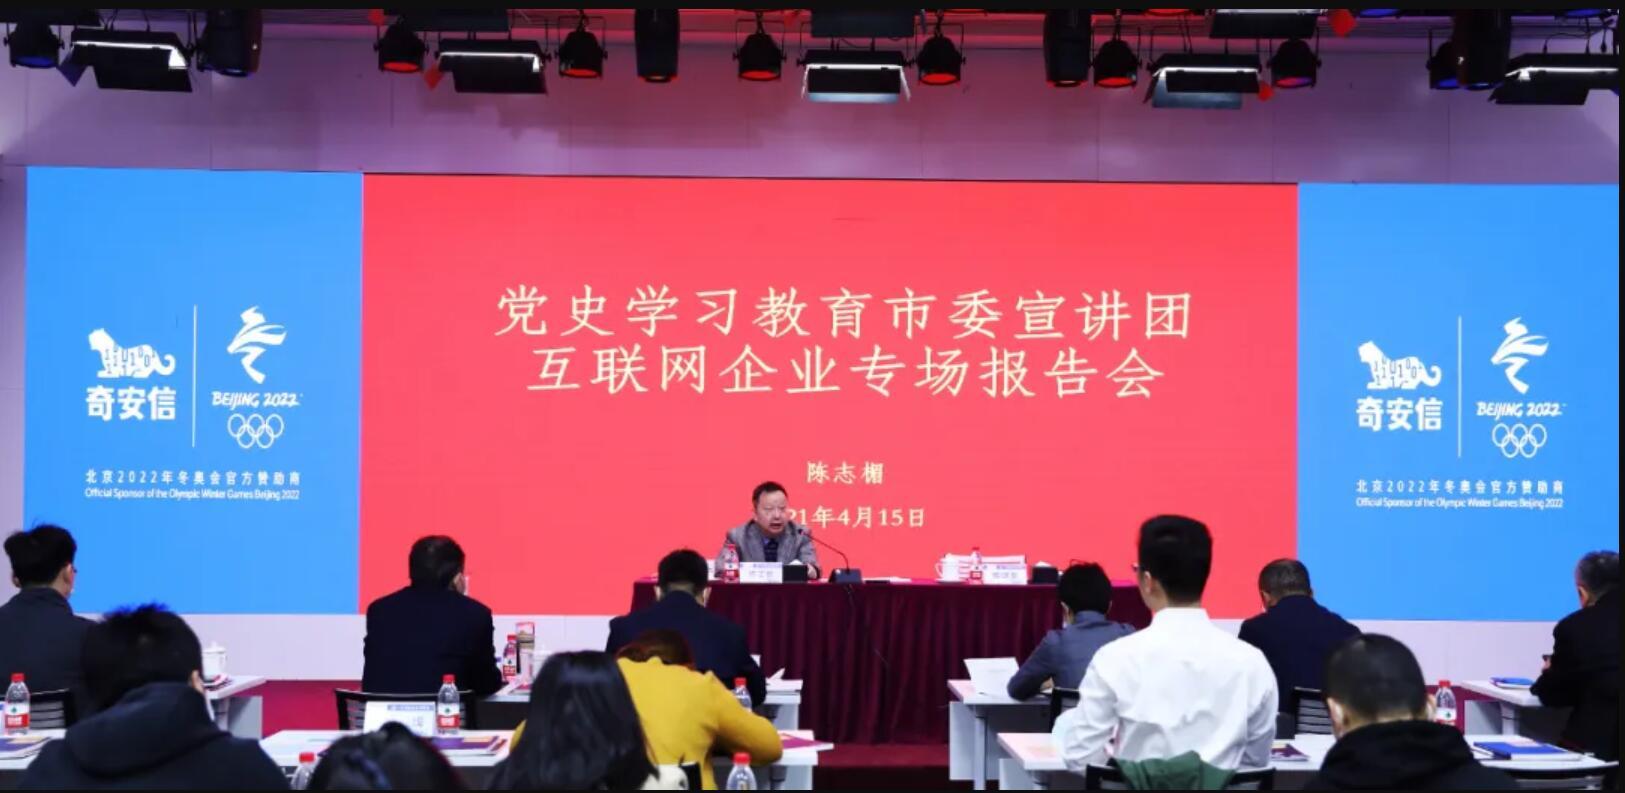 党史学习教育市委宣讲团互联网专场宣讲报告会在奇安信举行